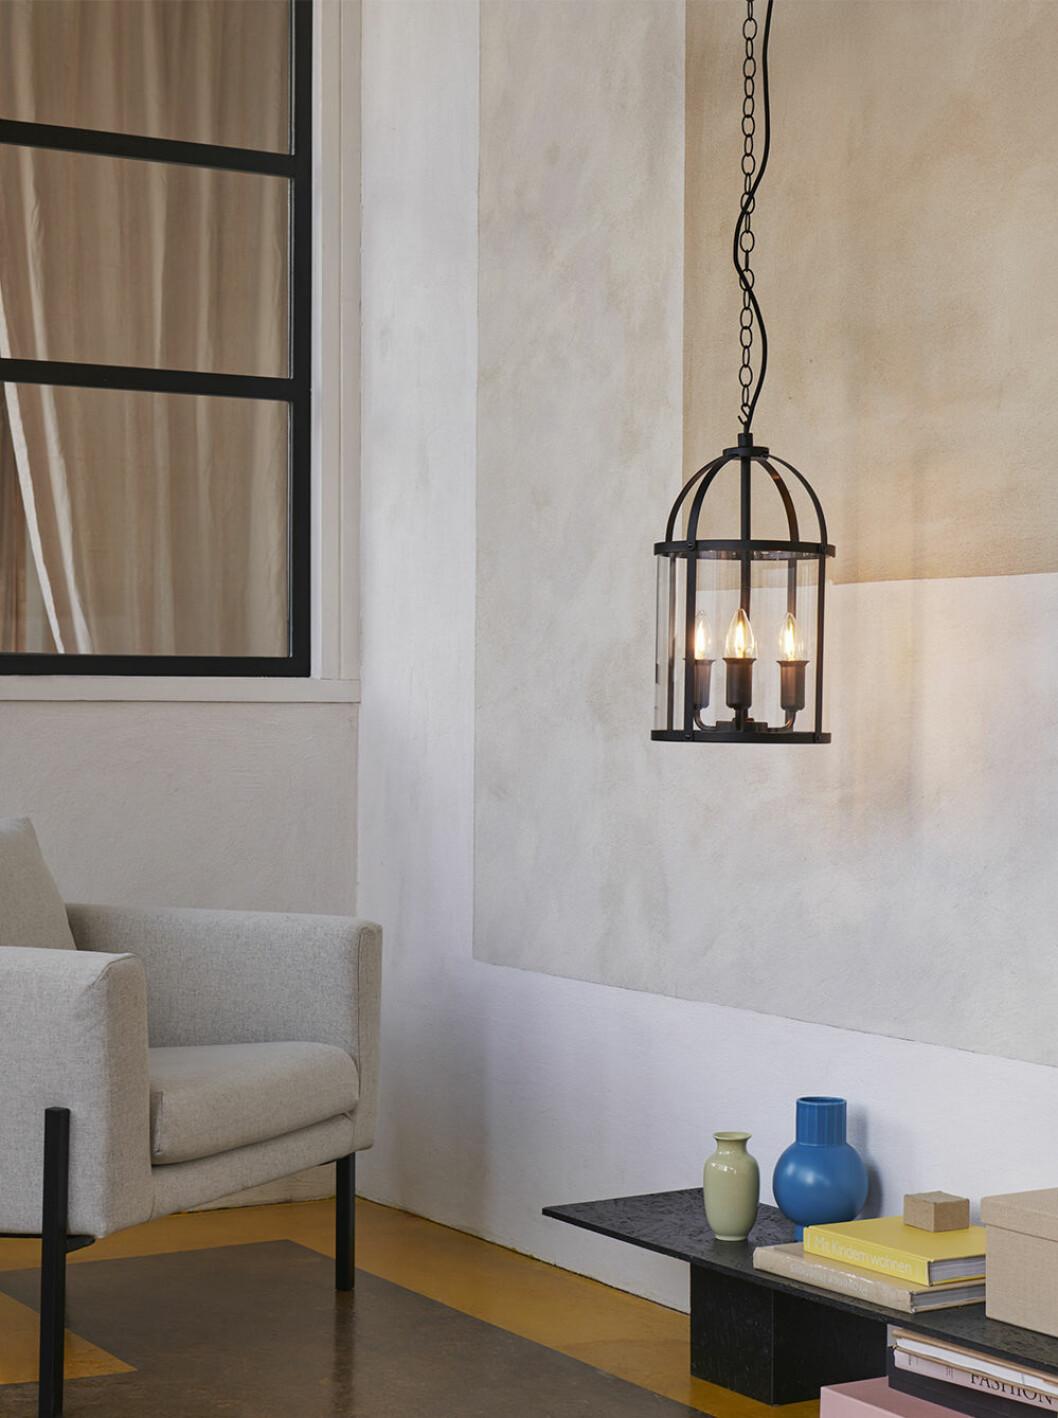 Lampan Galjon från Ikea hösten 2020